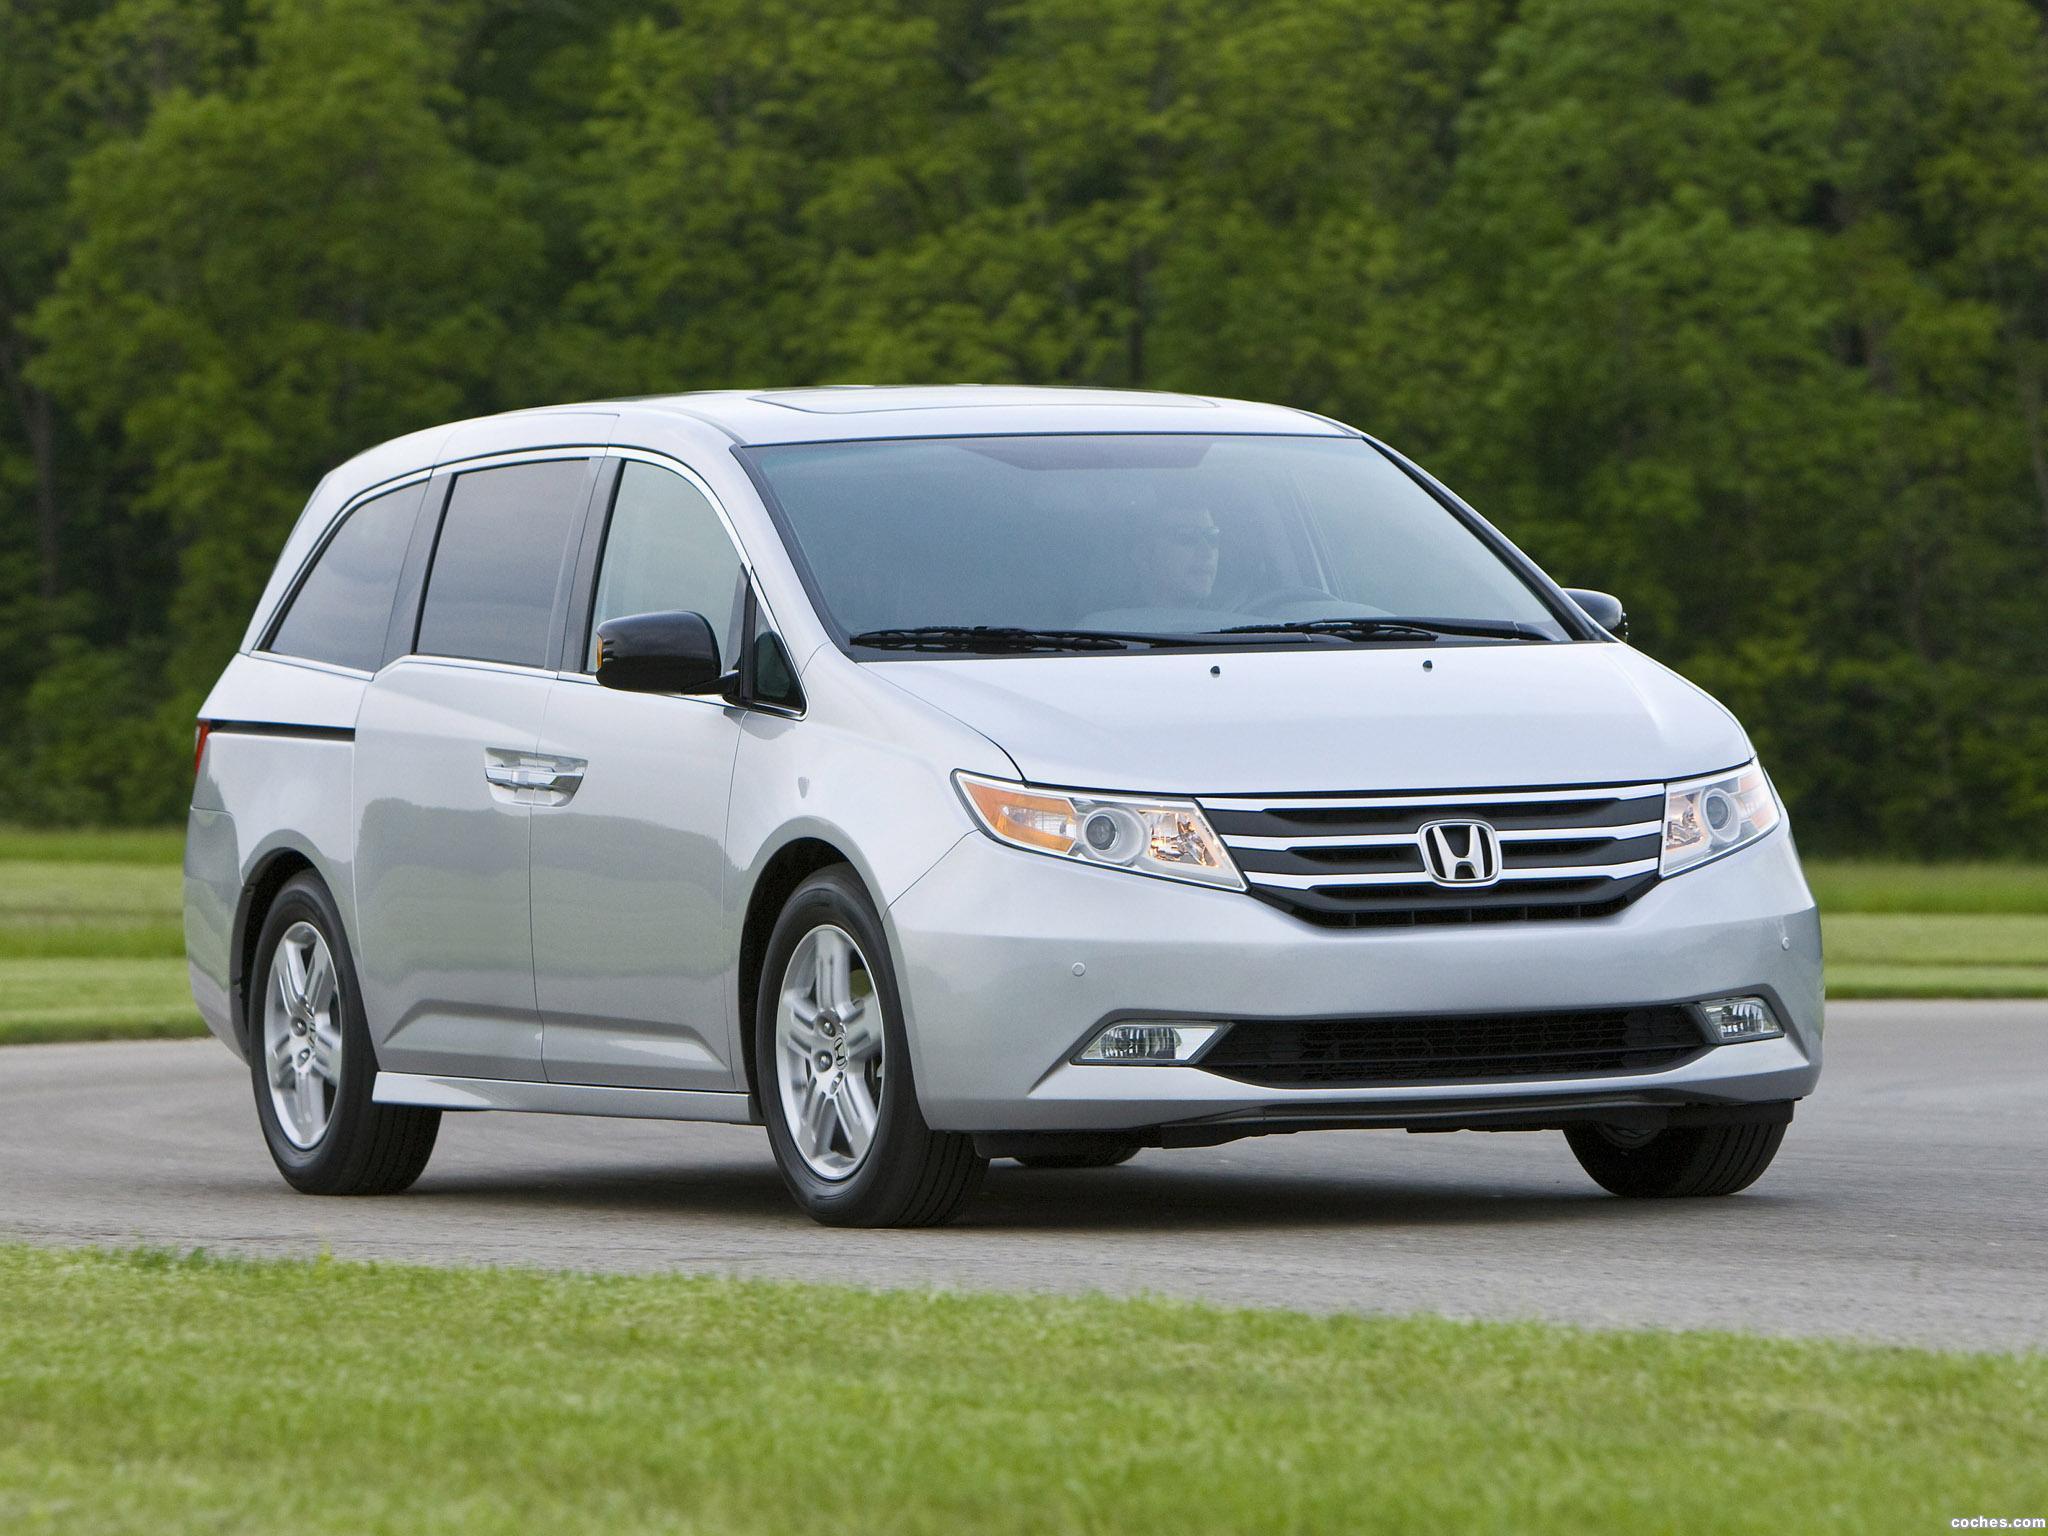 Foto 0 de Honda Odyssey Touring Elite 2010